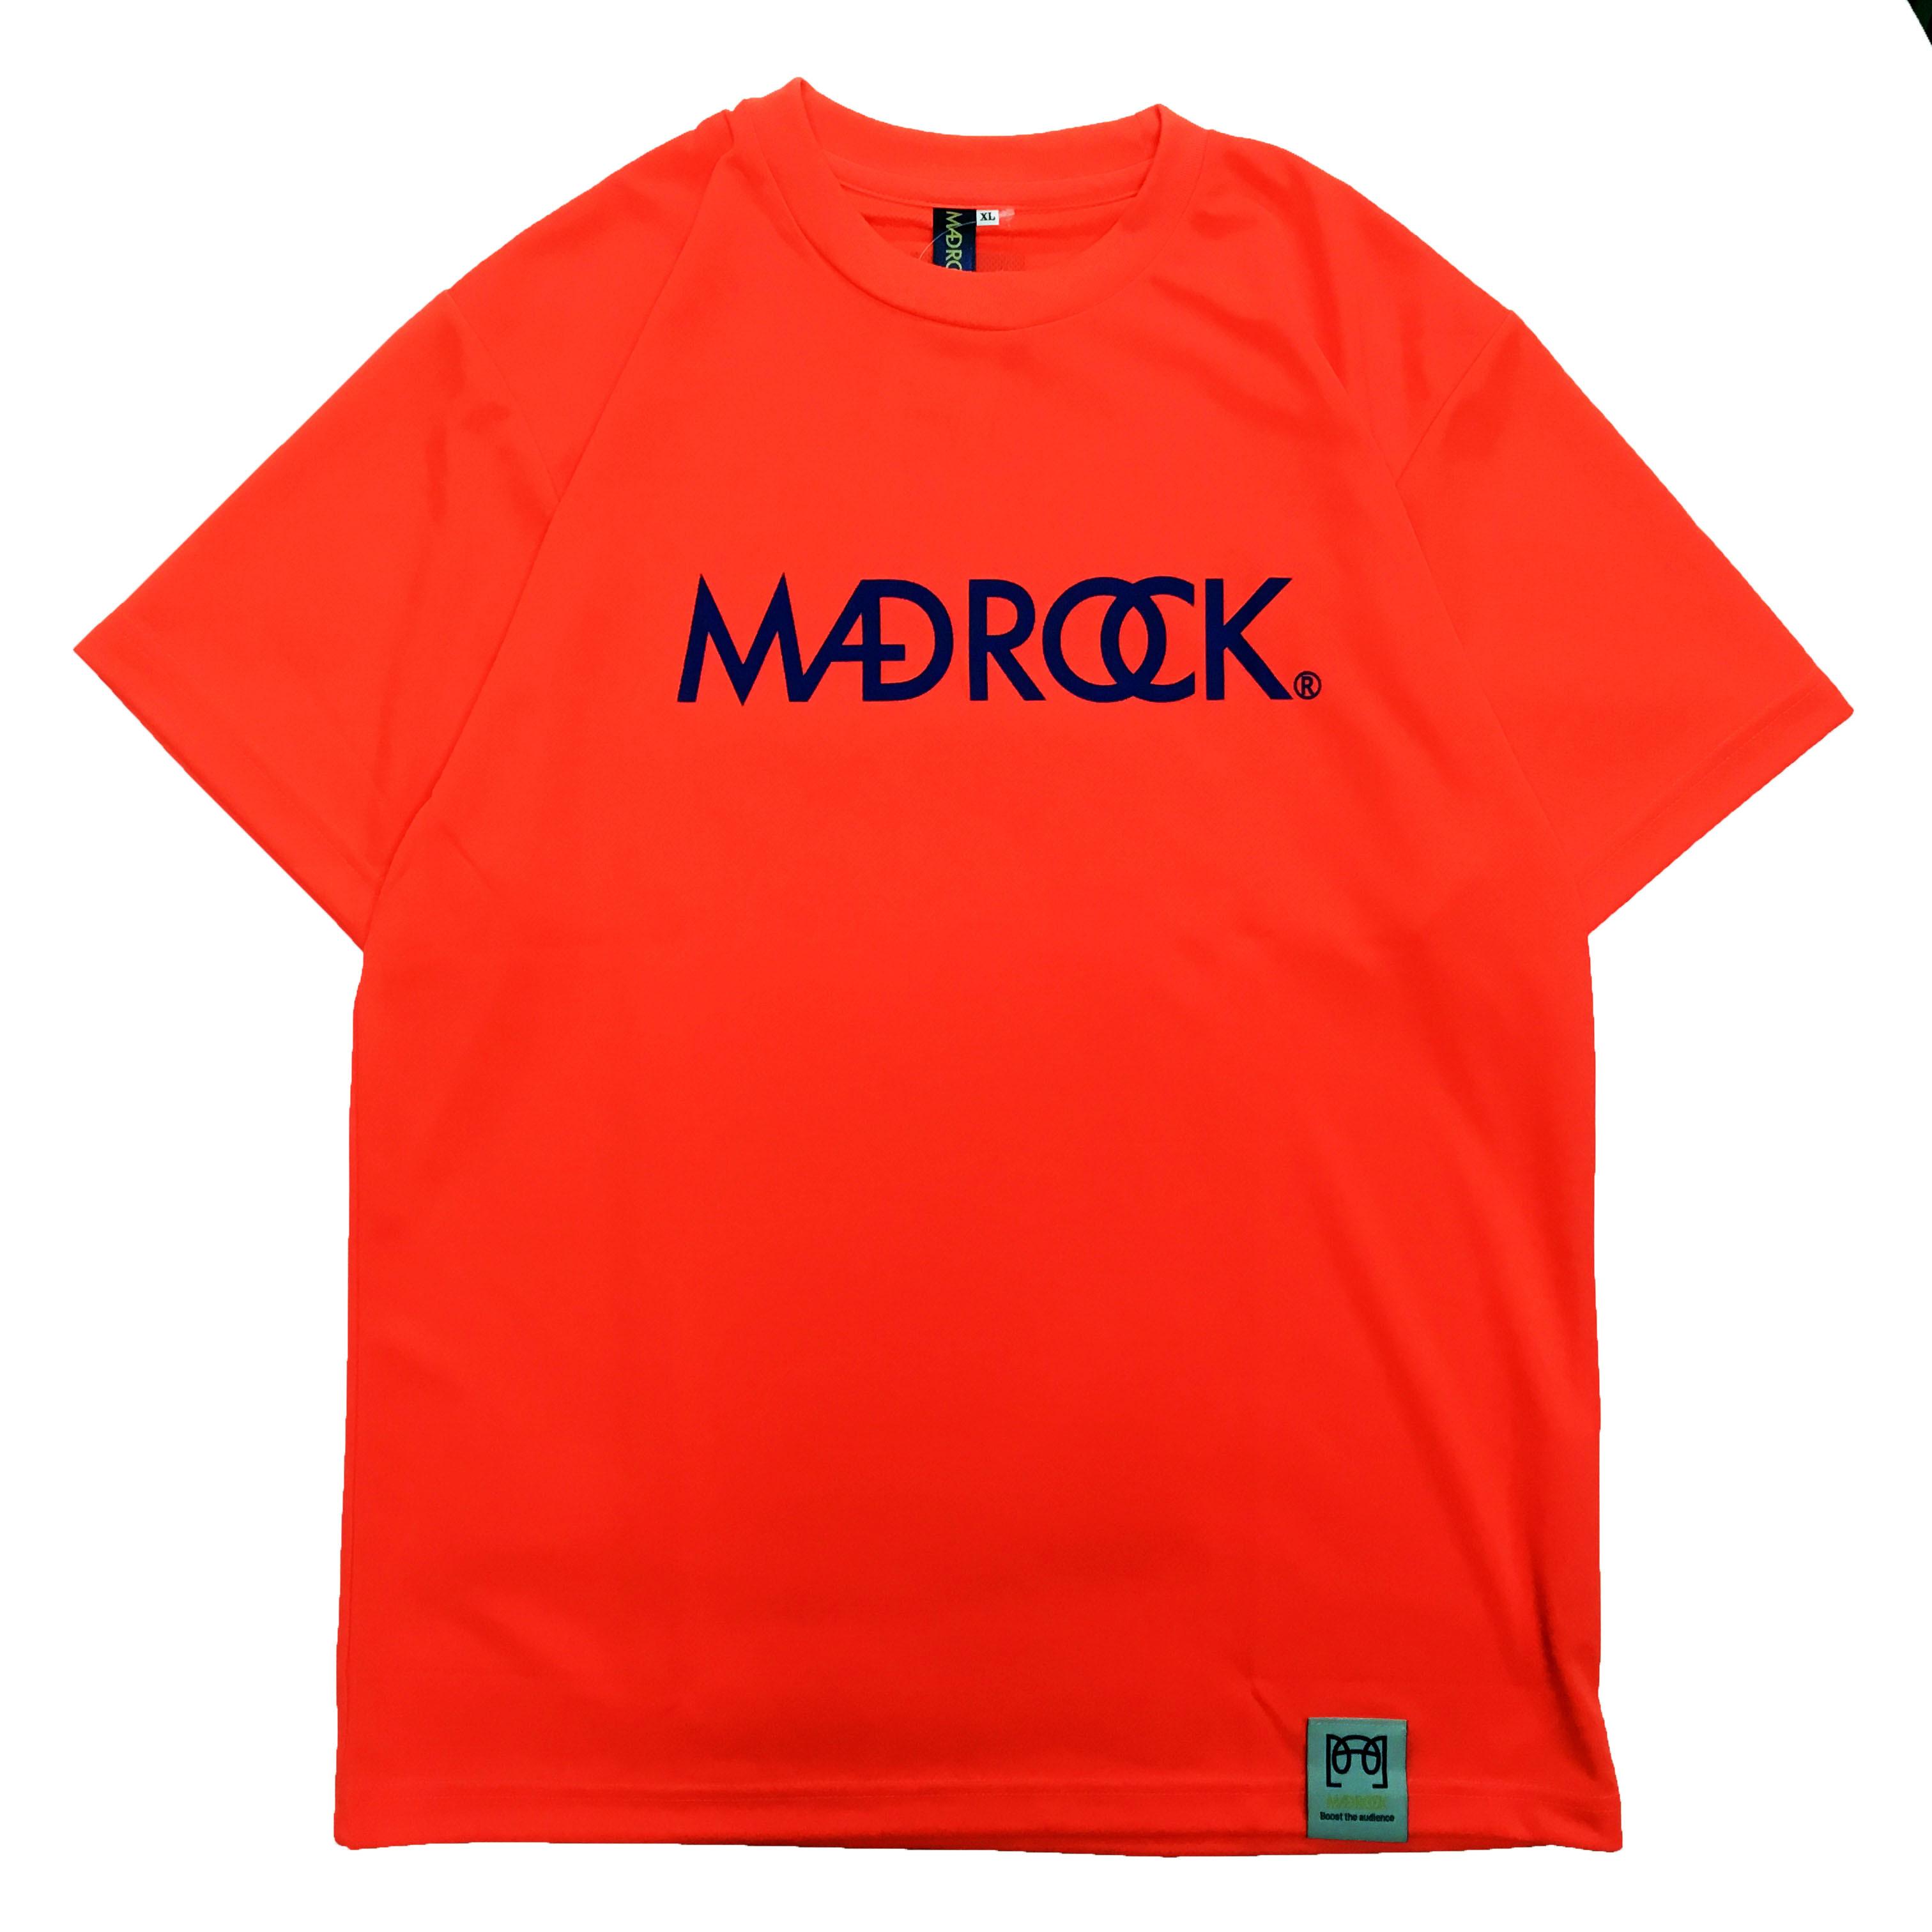 マッドロックロゴ Tシャツ/ドライタイプ/ネオンオレンジ&ネイビー